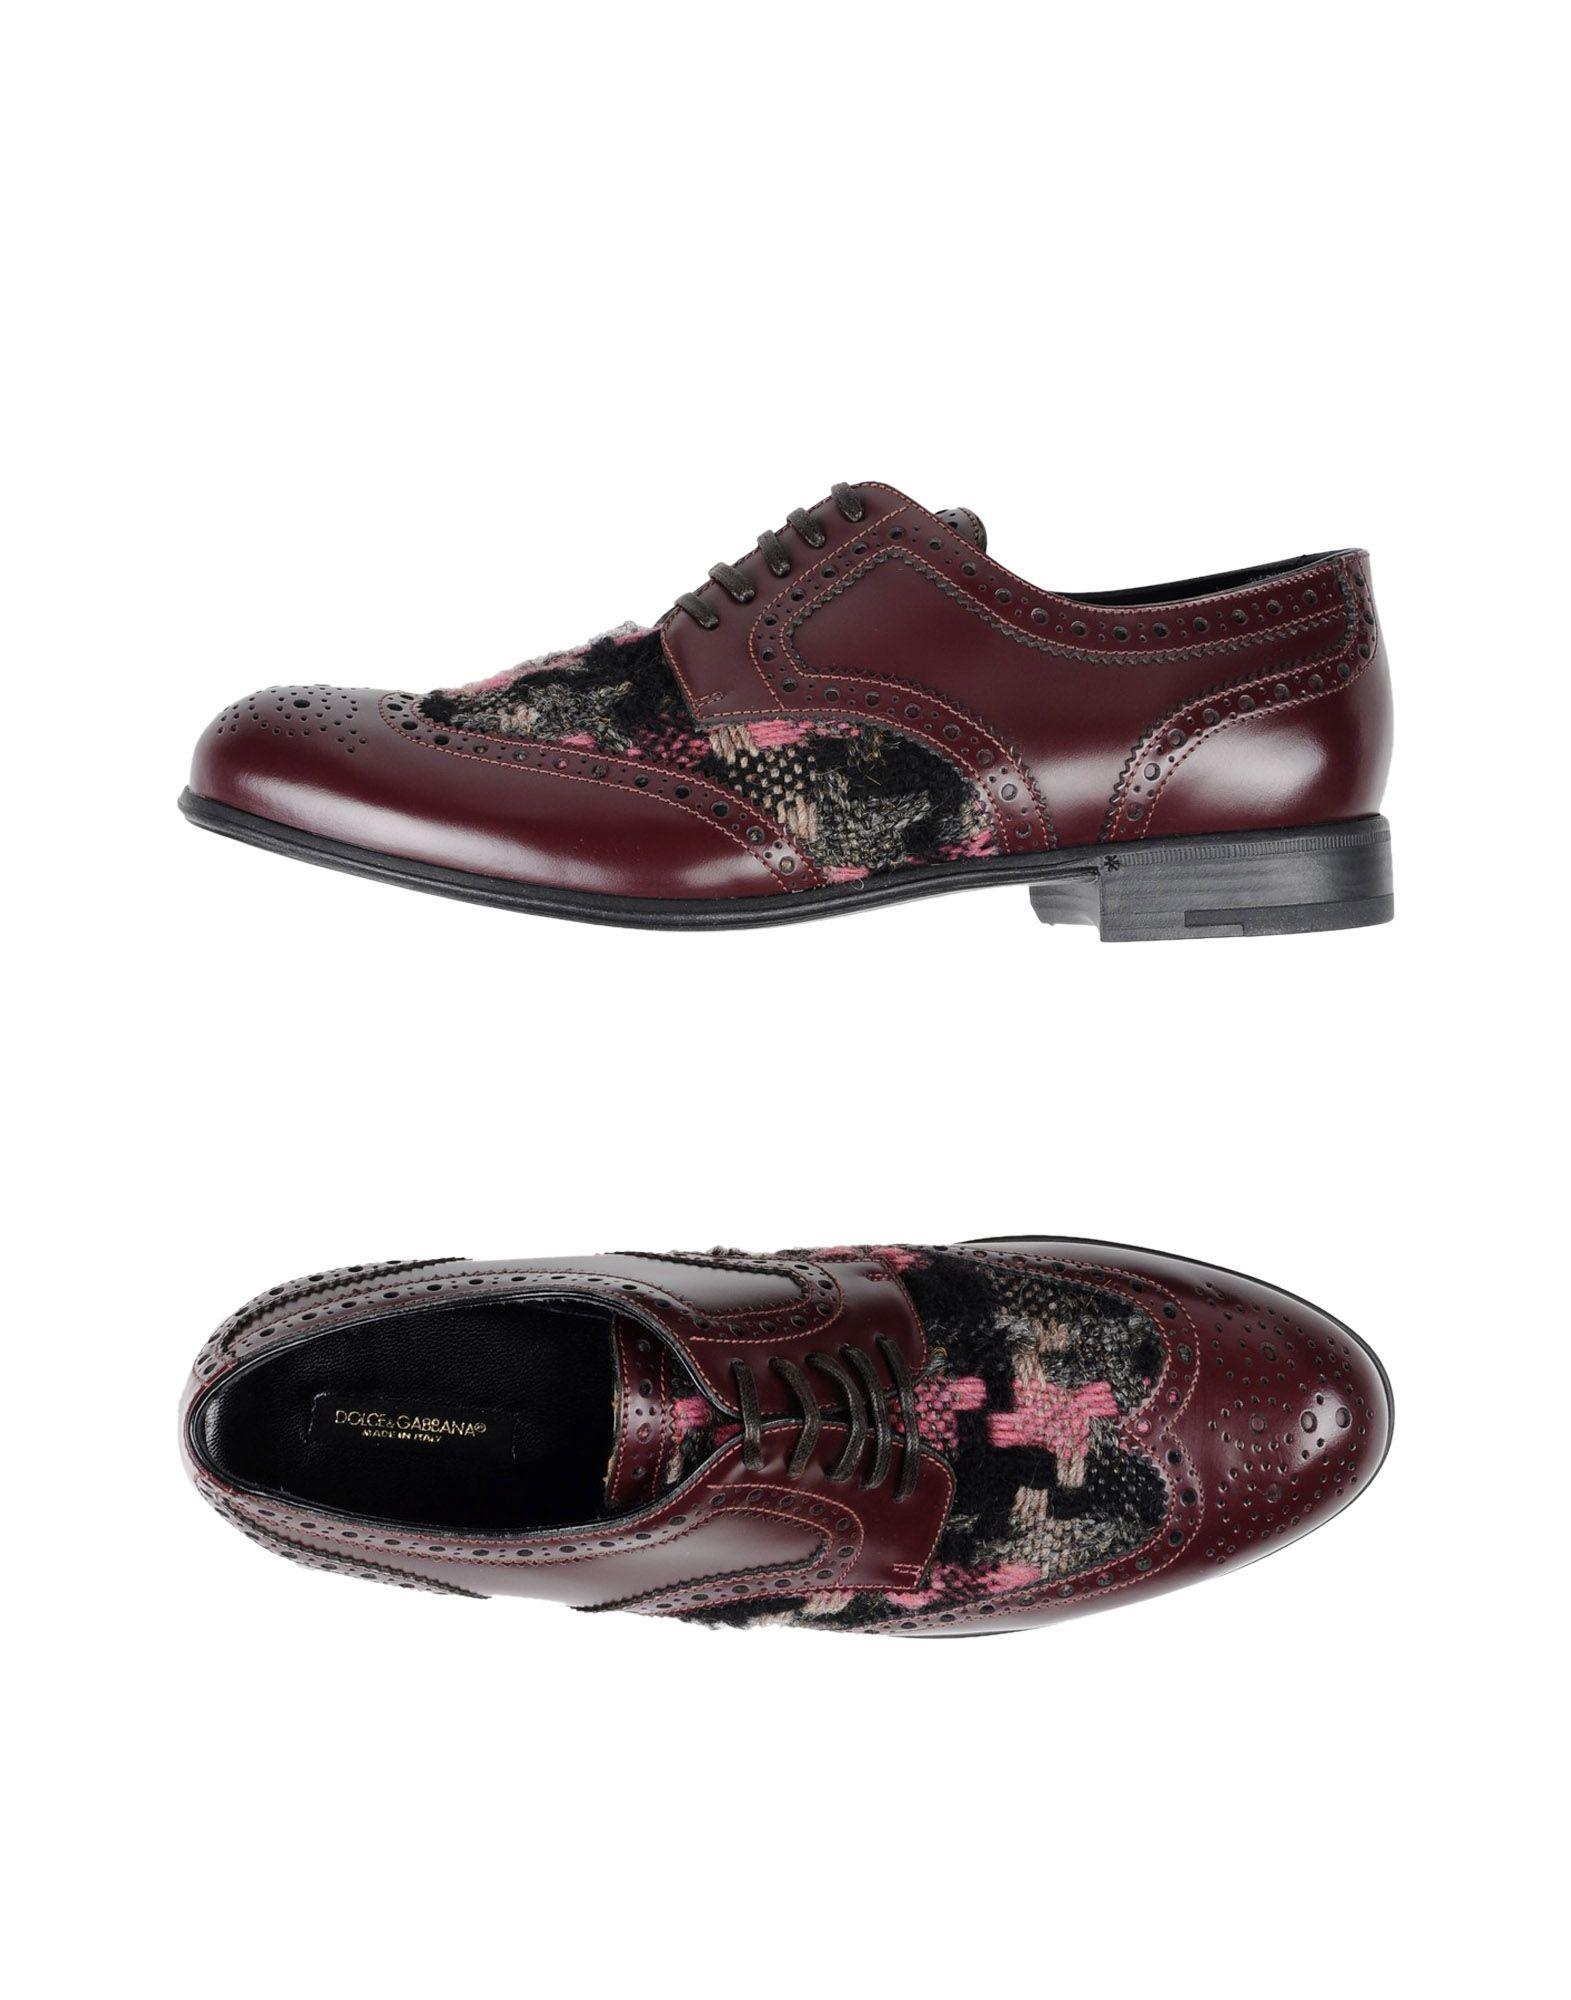 Chaussures À Lacets Dolce & Gabbana Femme - Chaussures À Lacets Dolce & Gabbana sur